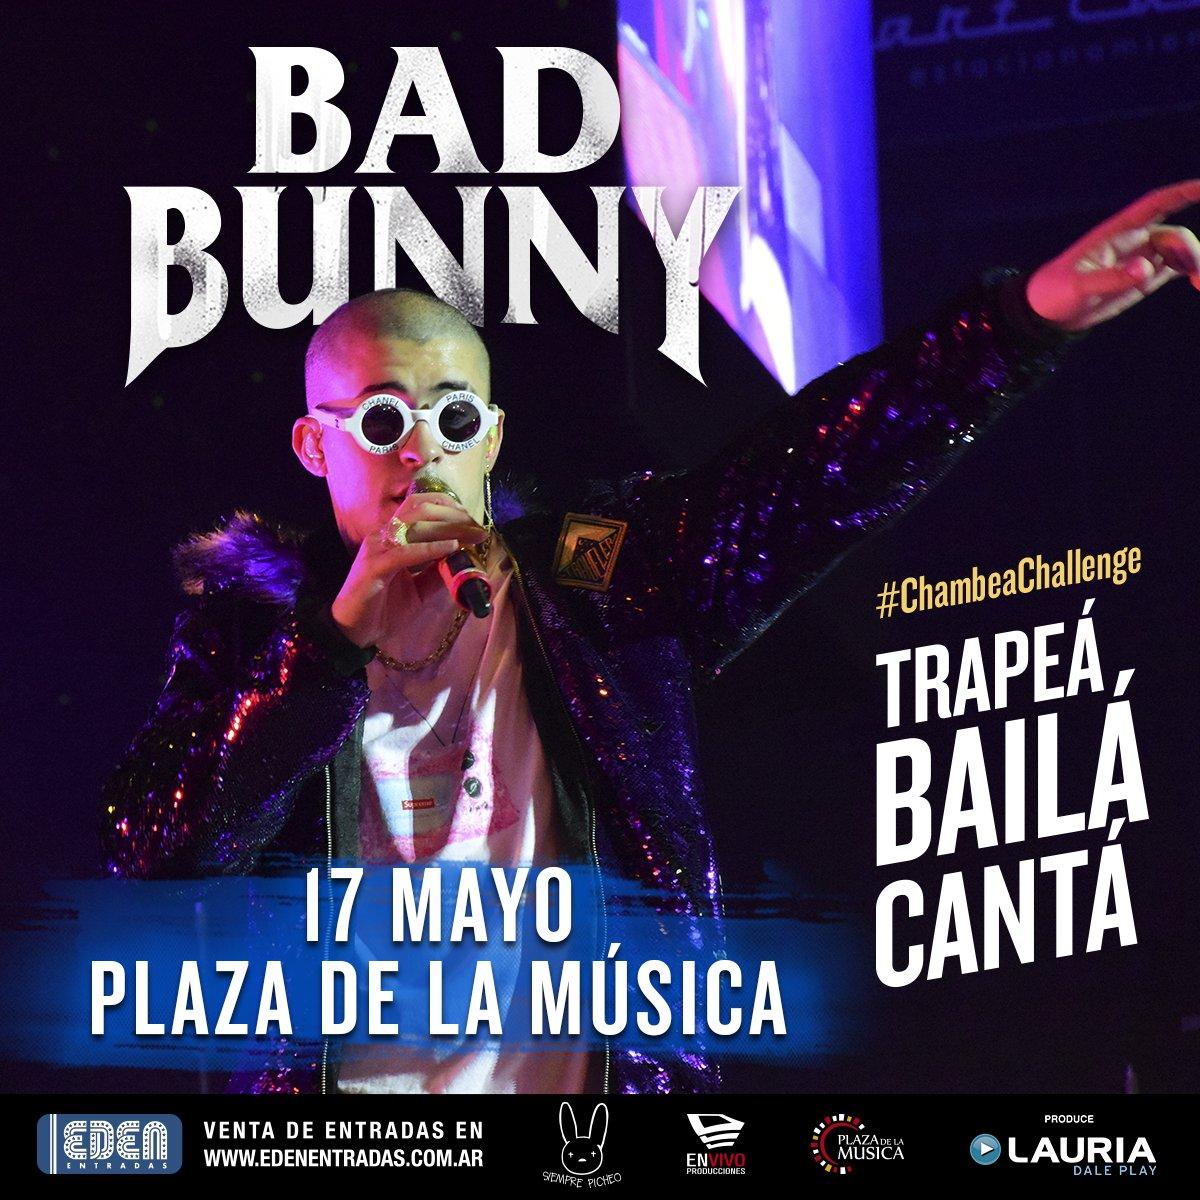 ¡#ChambeaChallenge con @badbunnyPR ! 👊 Este jueves podés ser parte de #LaNuevaReligión 👊 @envivonet y @LauriaProd quieren que estés ahí!  🎬 Subí un video y contanos por qué los tickets tienen que ser tuyos! #Trapeá #Cantá #Bailá , ¡El más creativo se los lleva!